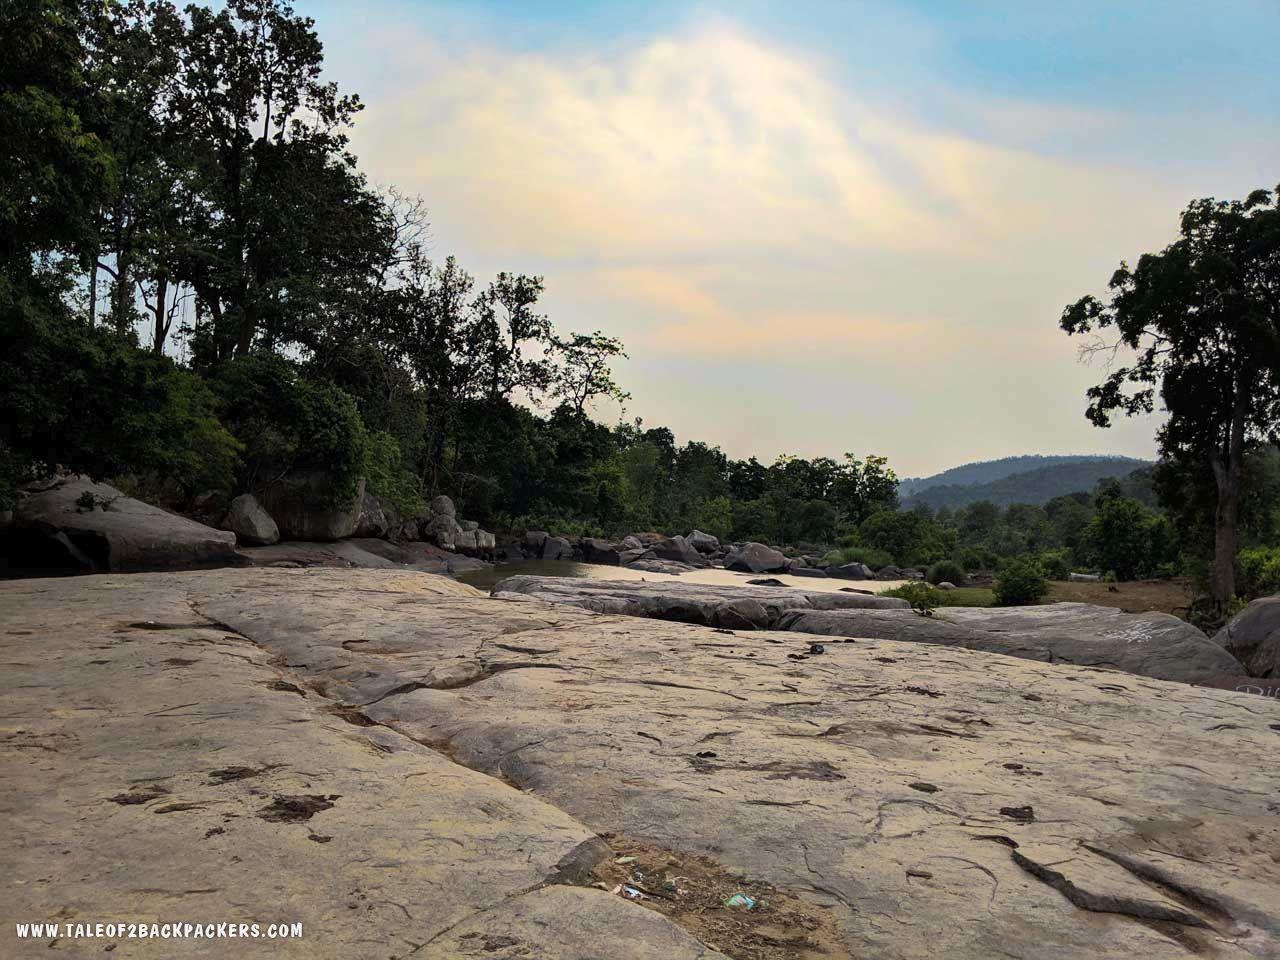 Lovers' Point - sightseeing at Daringbadi tour